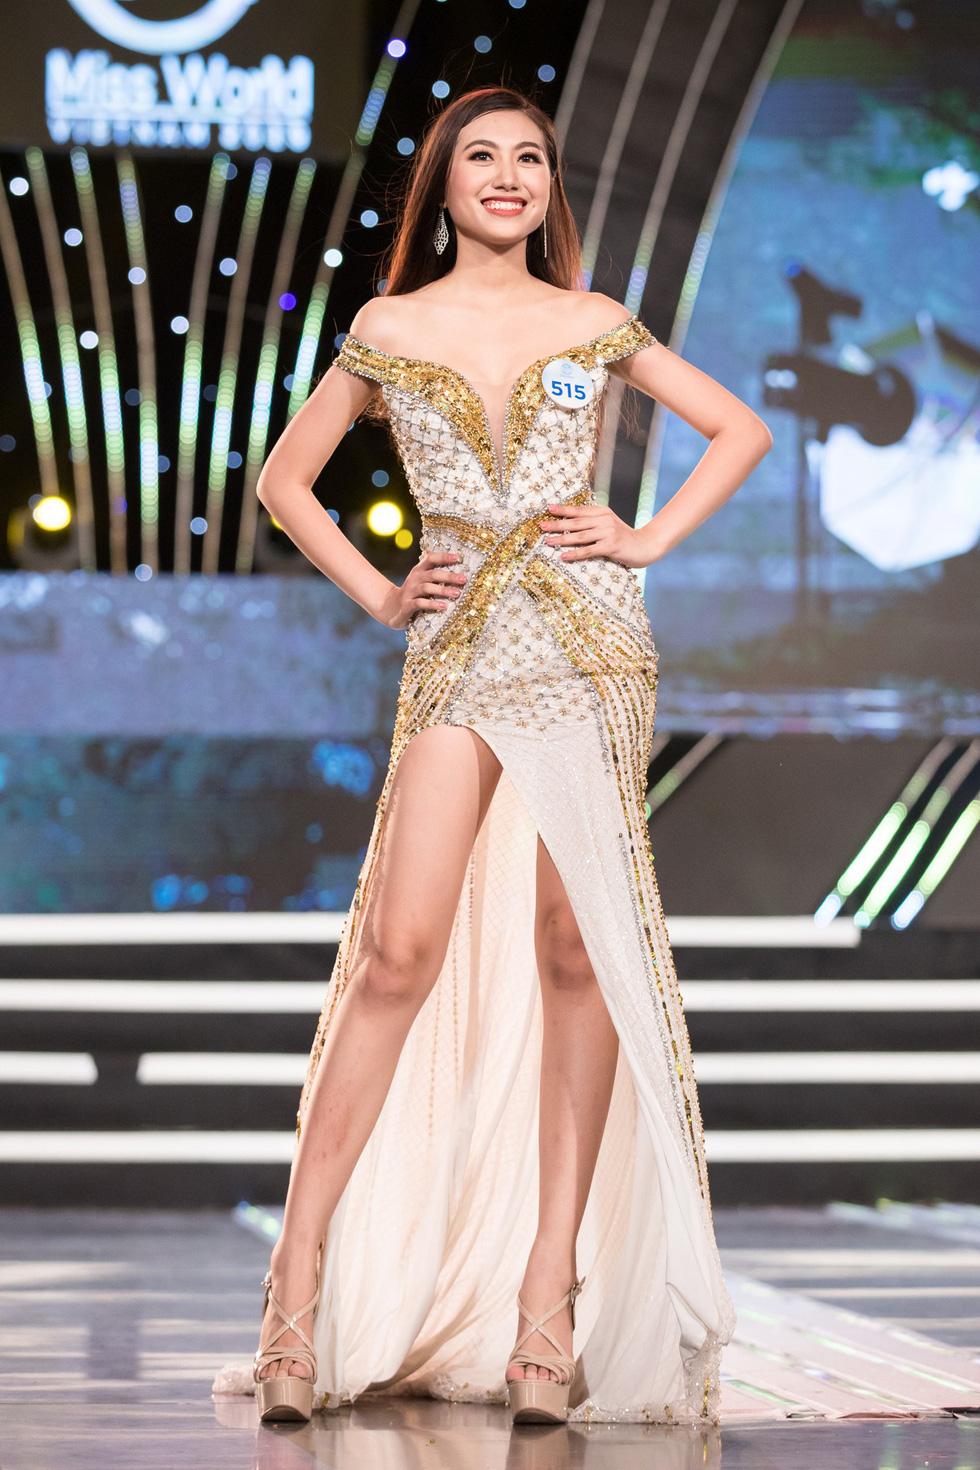 Nhan sắc 20 thí sinh đẹp nhất phía Bắc vào chung kết Miss World Việt Nam 2019 - Ảnh 6.